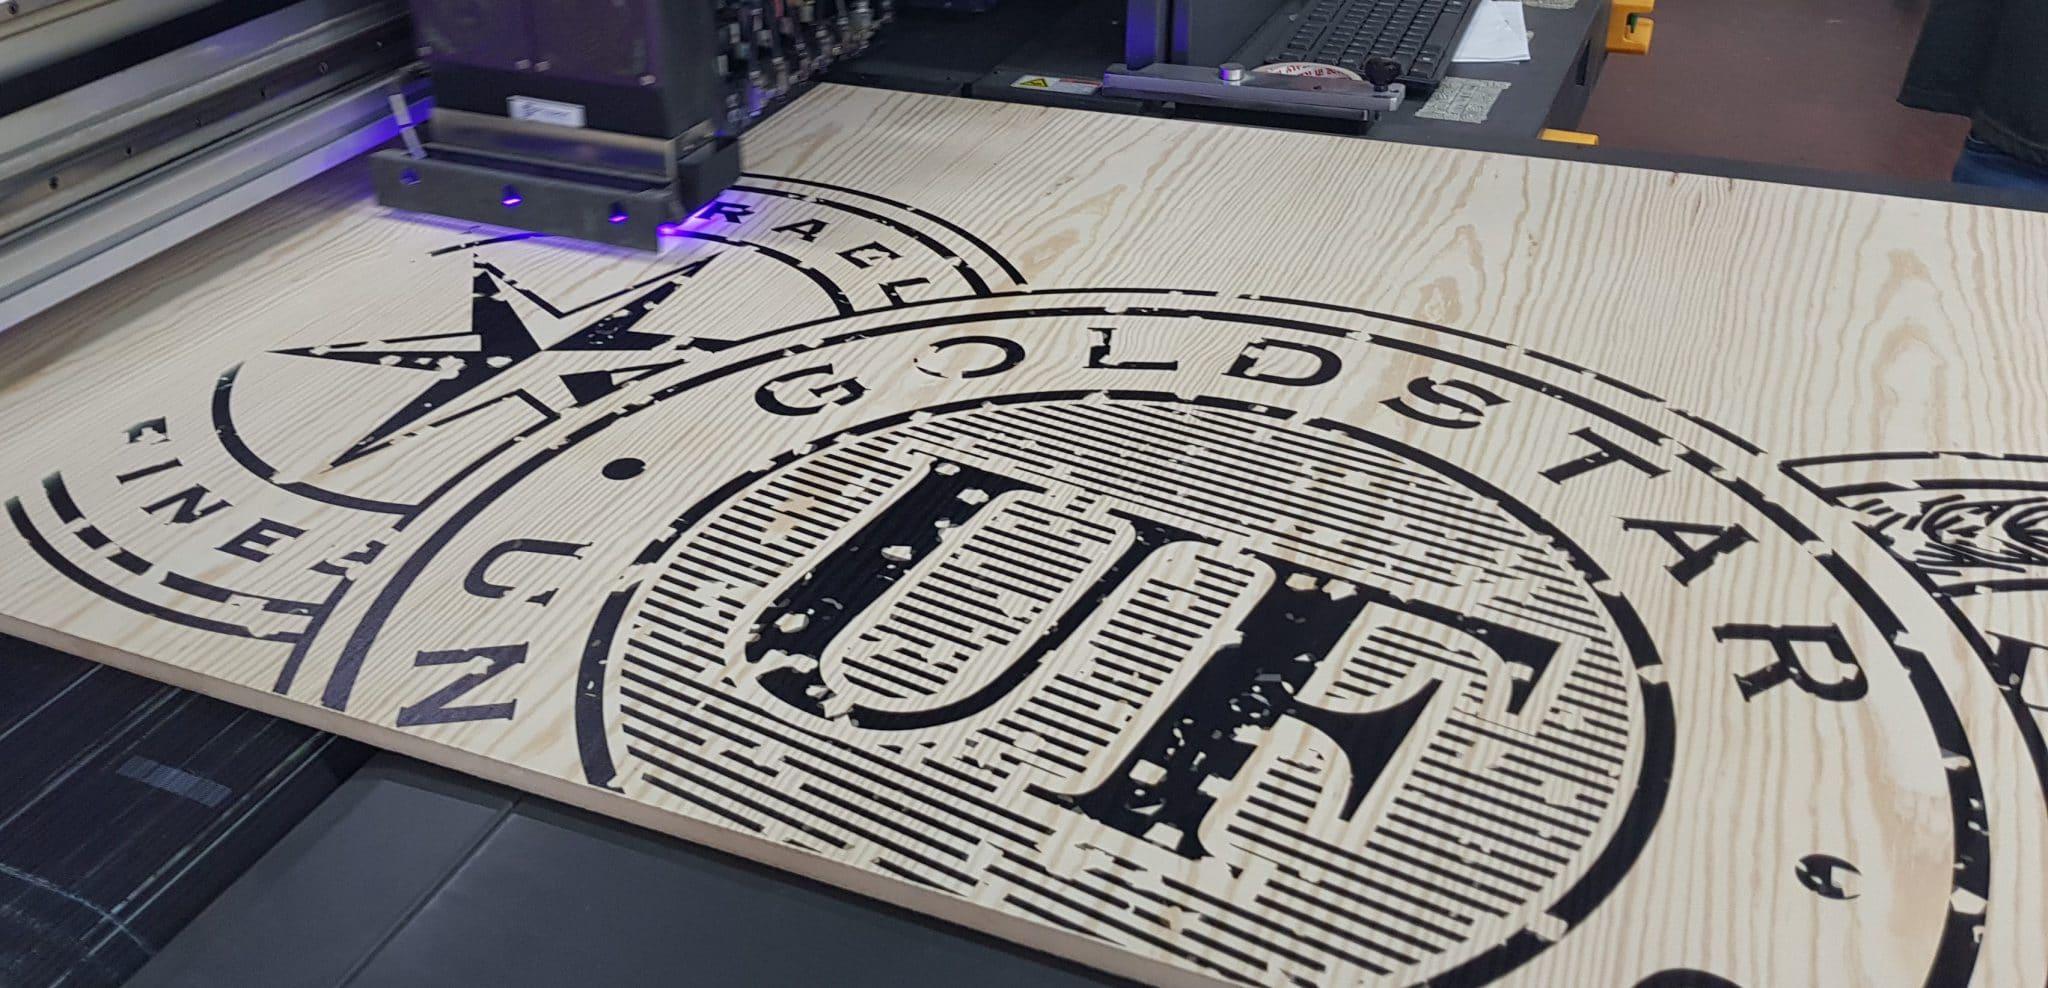 הדפסה דיגיטלית של תוויות בירה GOLDSTAR